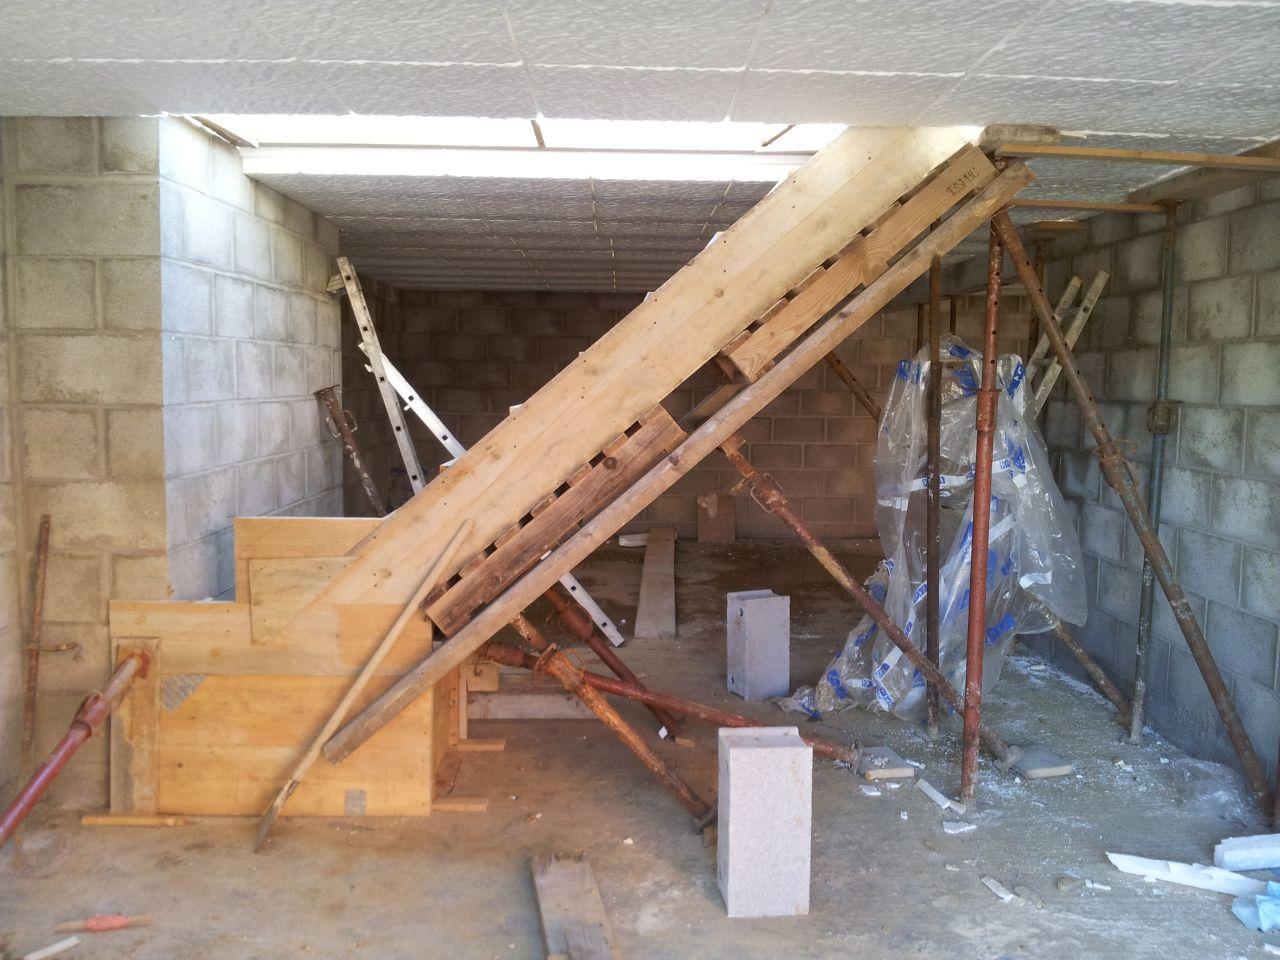 Sous-sol: Préparation pour la dalle du RDC et l'escalier béton du sous-sol